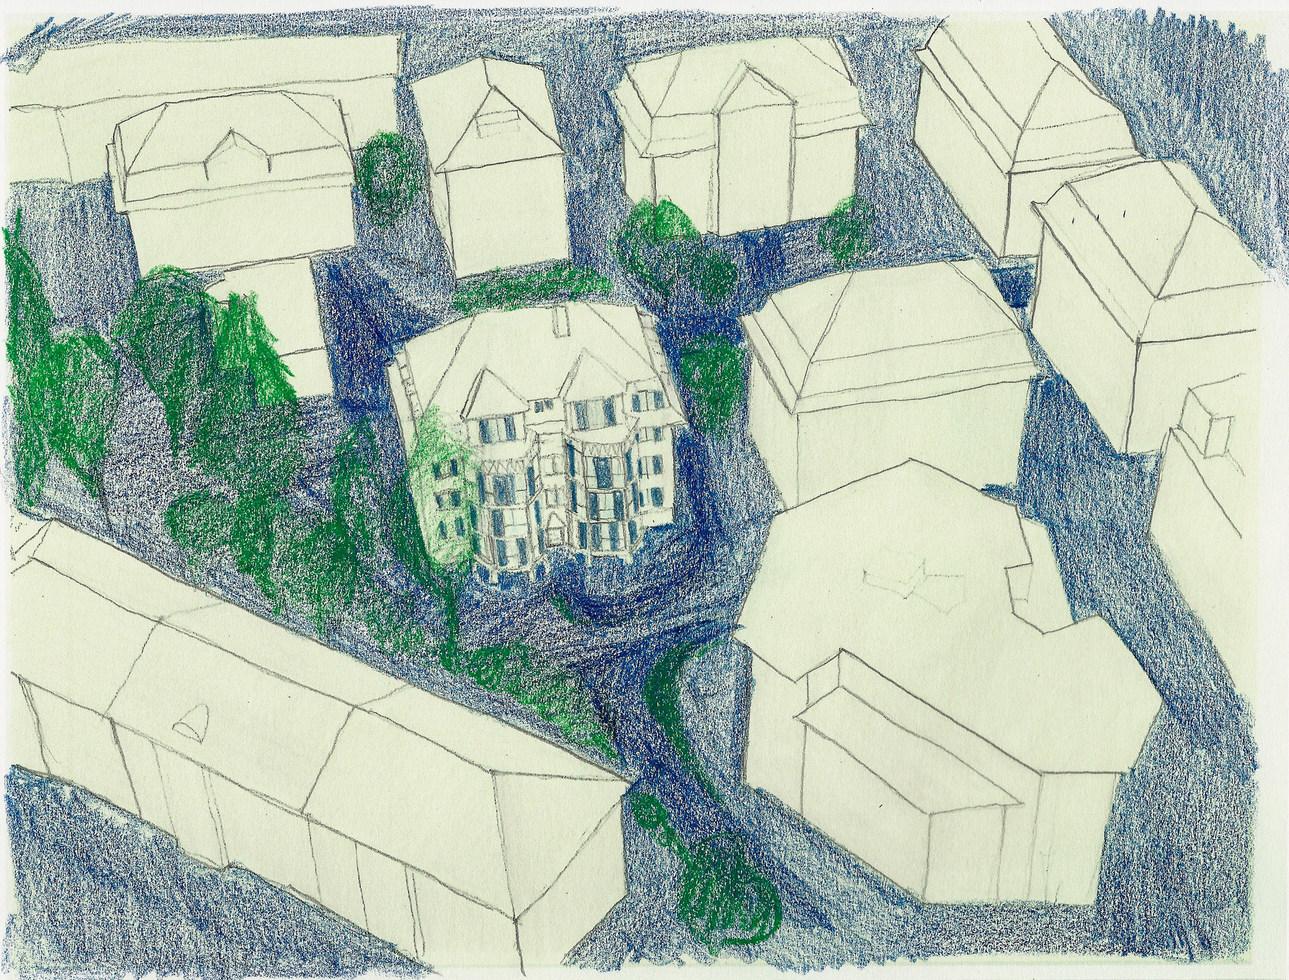 Das bestehende Haus bildet mit seinen Nachbarn eine Gruppe von Zeitgenossen. Gegen Norden wird die Bebauungsstruktur grossmassstäblicher und freier.